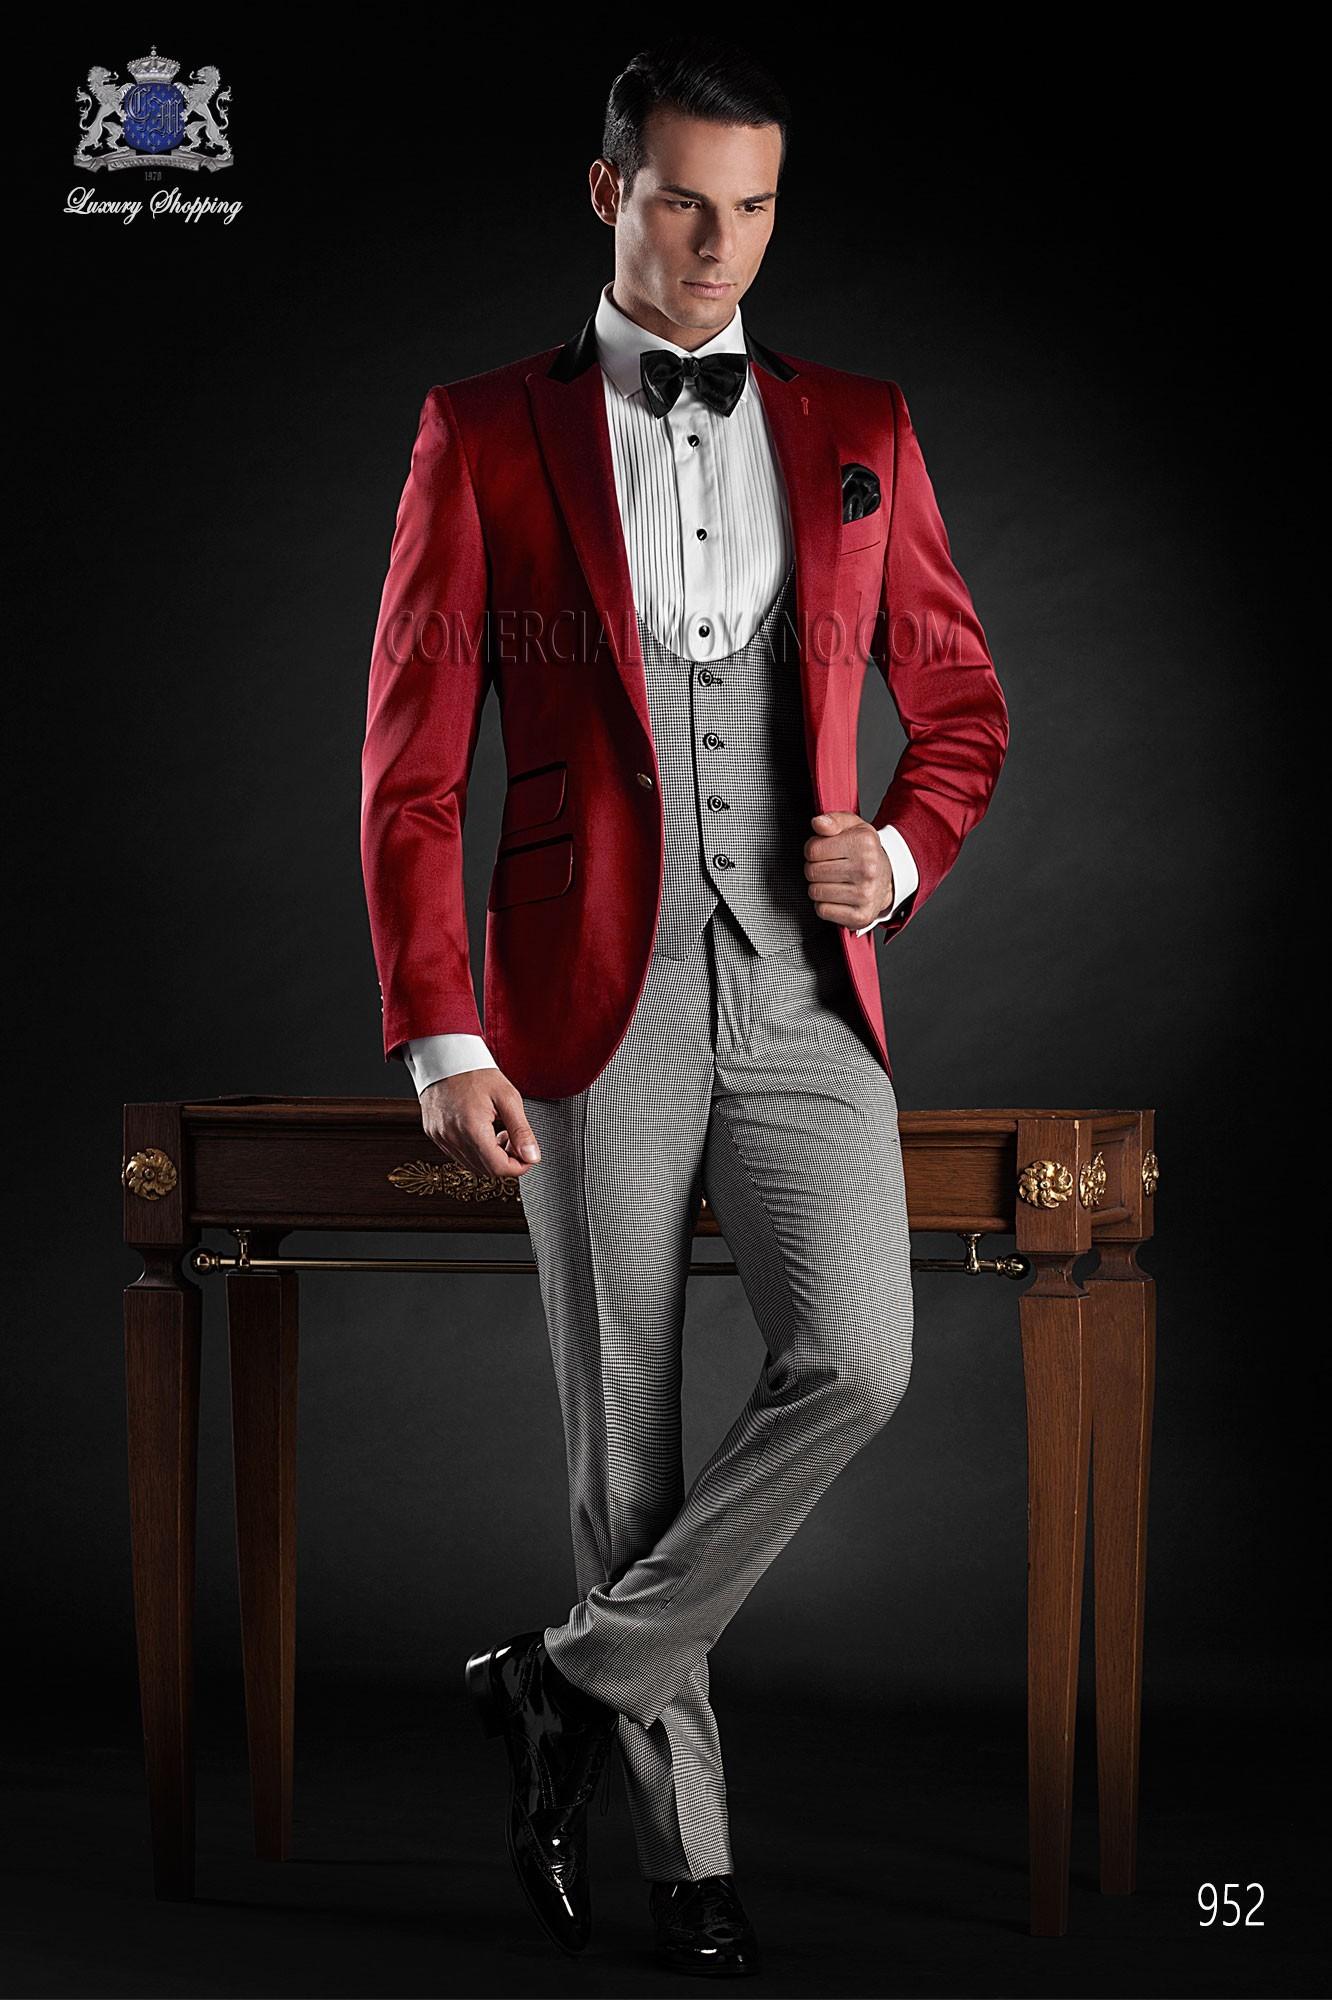 Traje de fiesta hombre rojo modelo: 952 Ottavio Nuccio Gala colección Black Tie